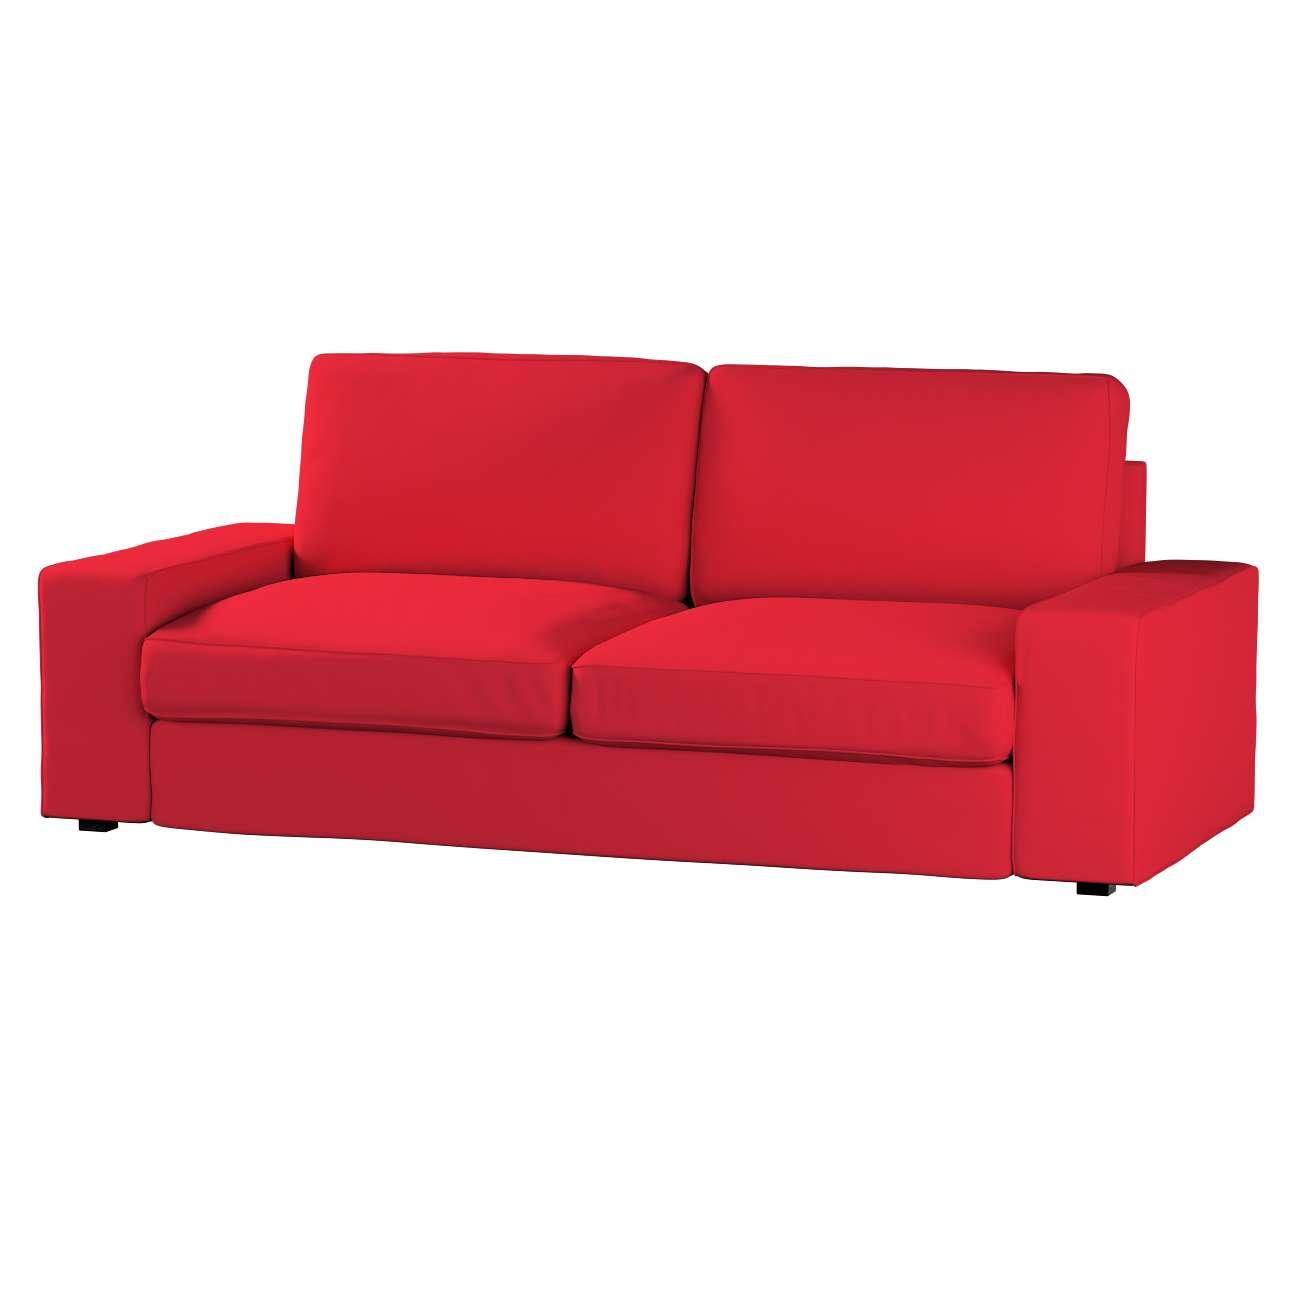 Pokrowiec na sofę Kivik 3-osobową, nierozkładaną Sofa Kivik 3-osobowa nierozkładana w kolekcji Cotton Panama, tkanina: 702-04